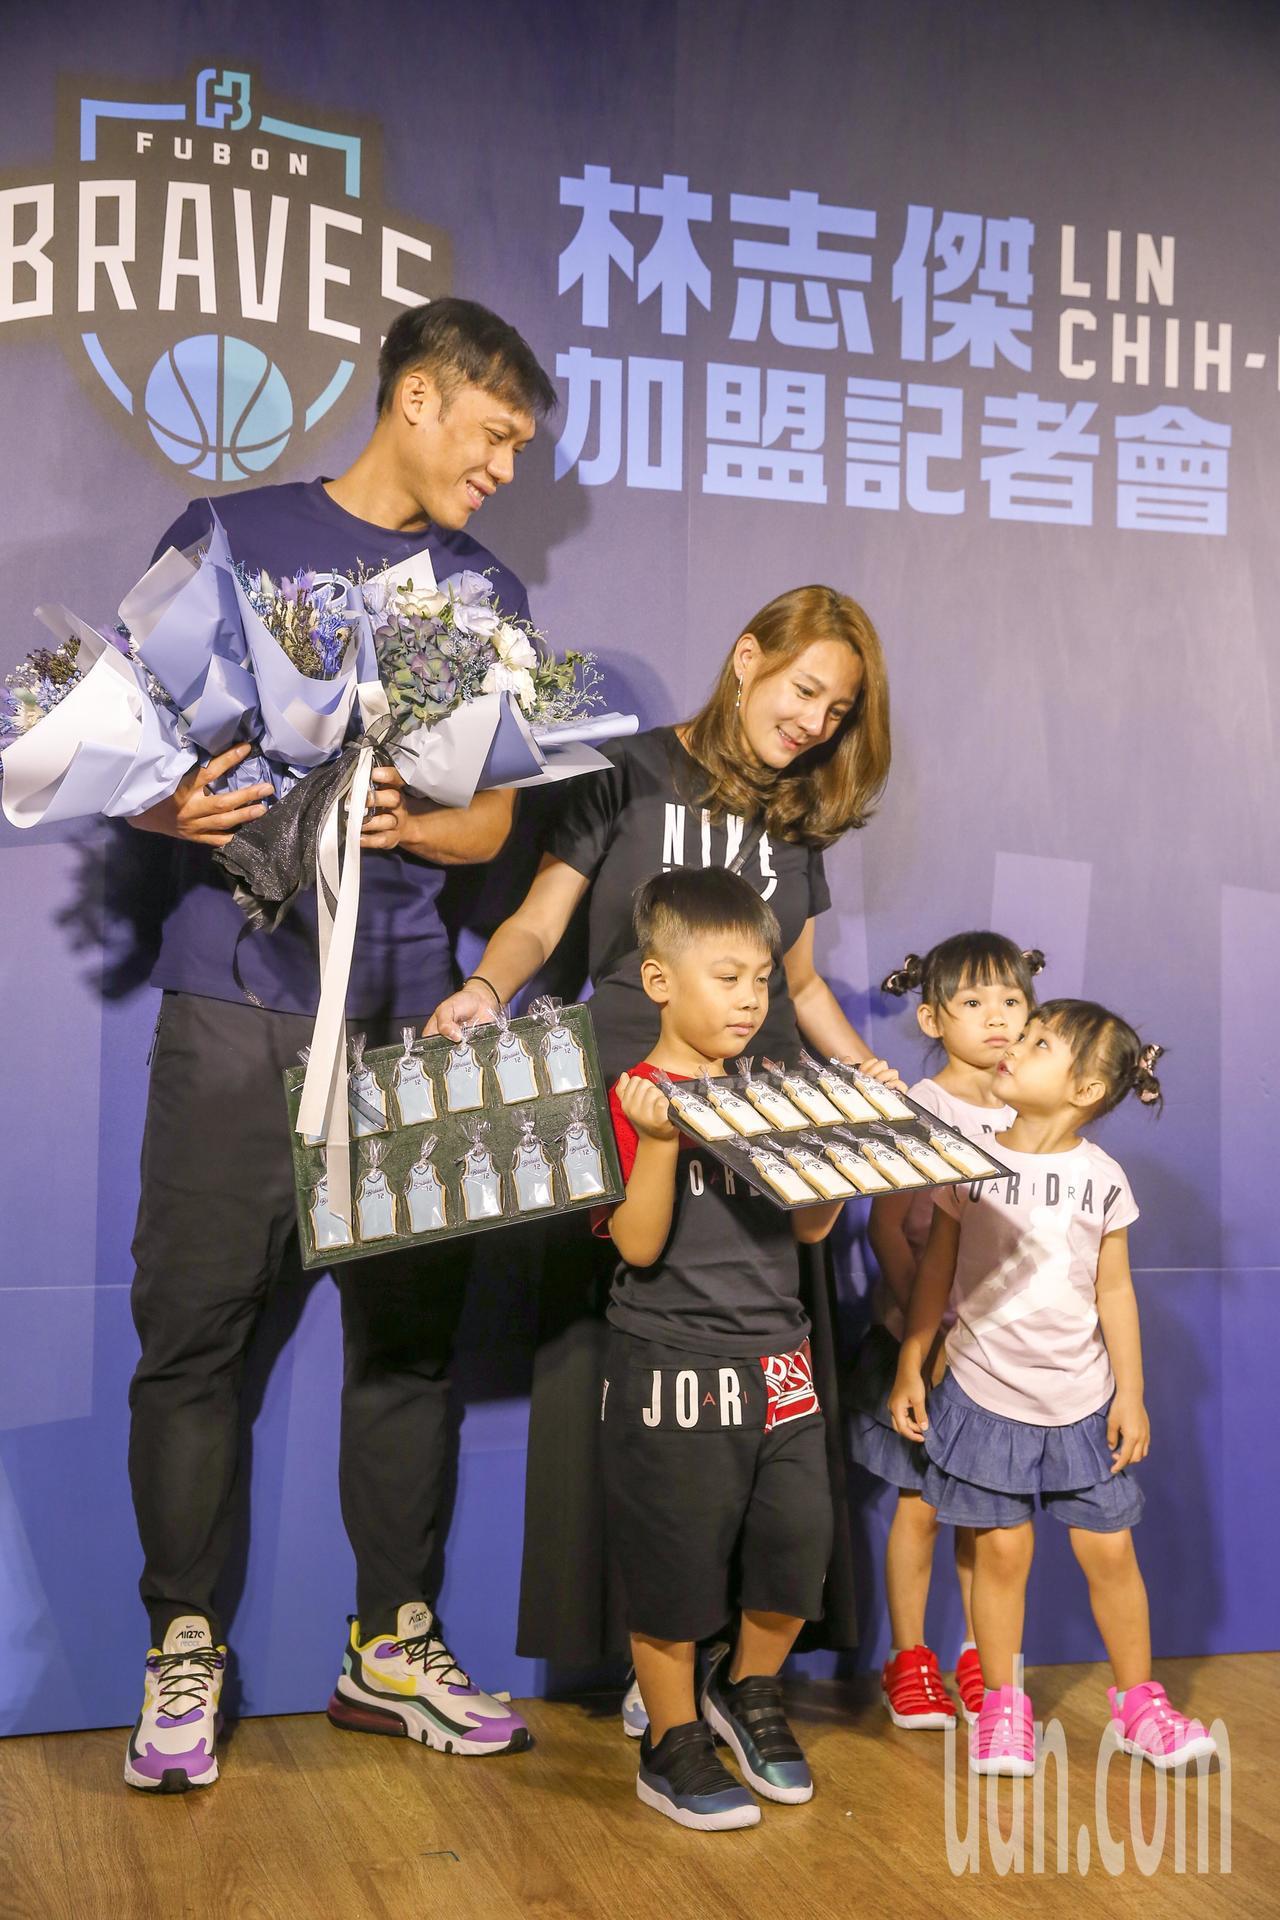 林志傑(左)下午宣布正式加盟富邦勇士,記者會上林志傑表示,家人一起來送花。記者鄭...